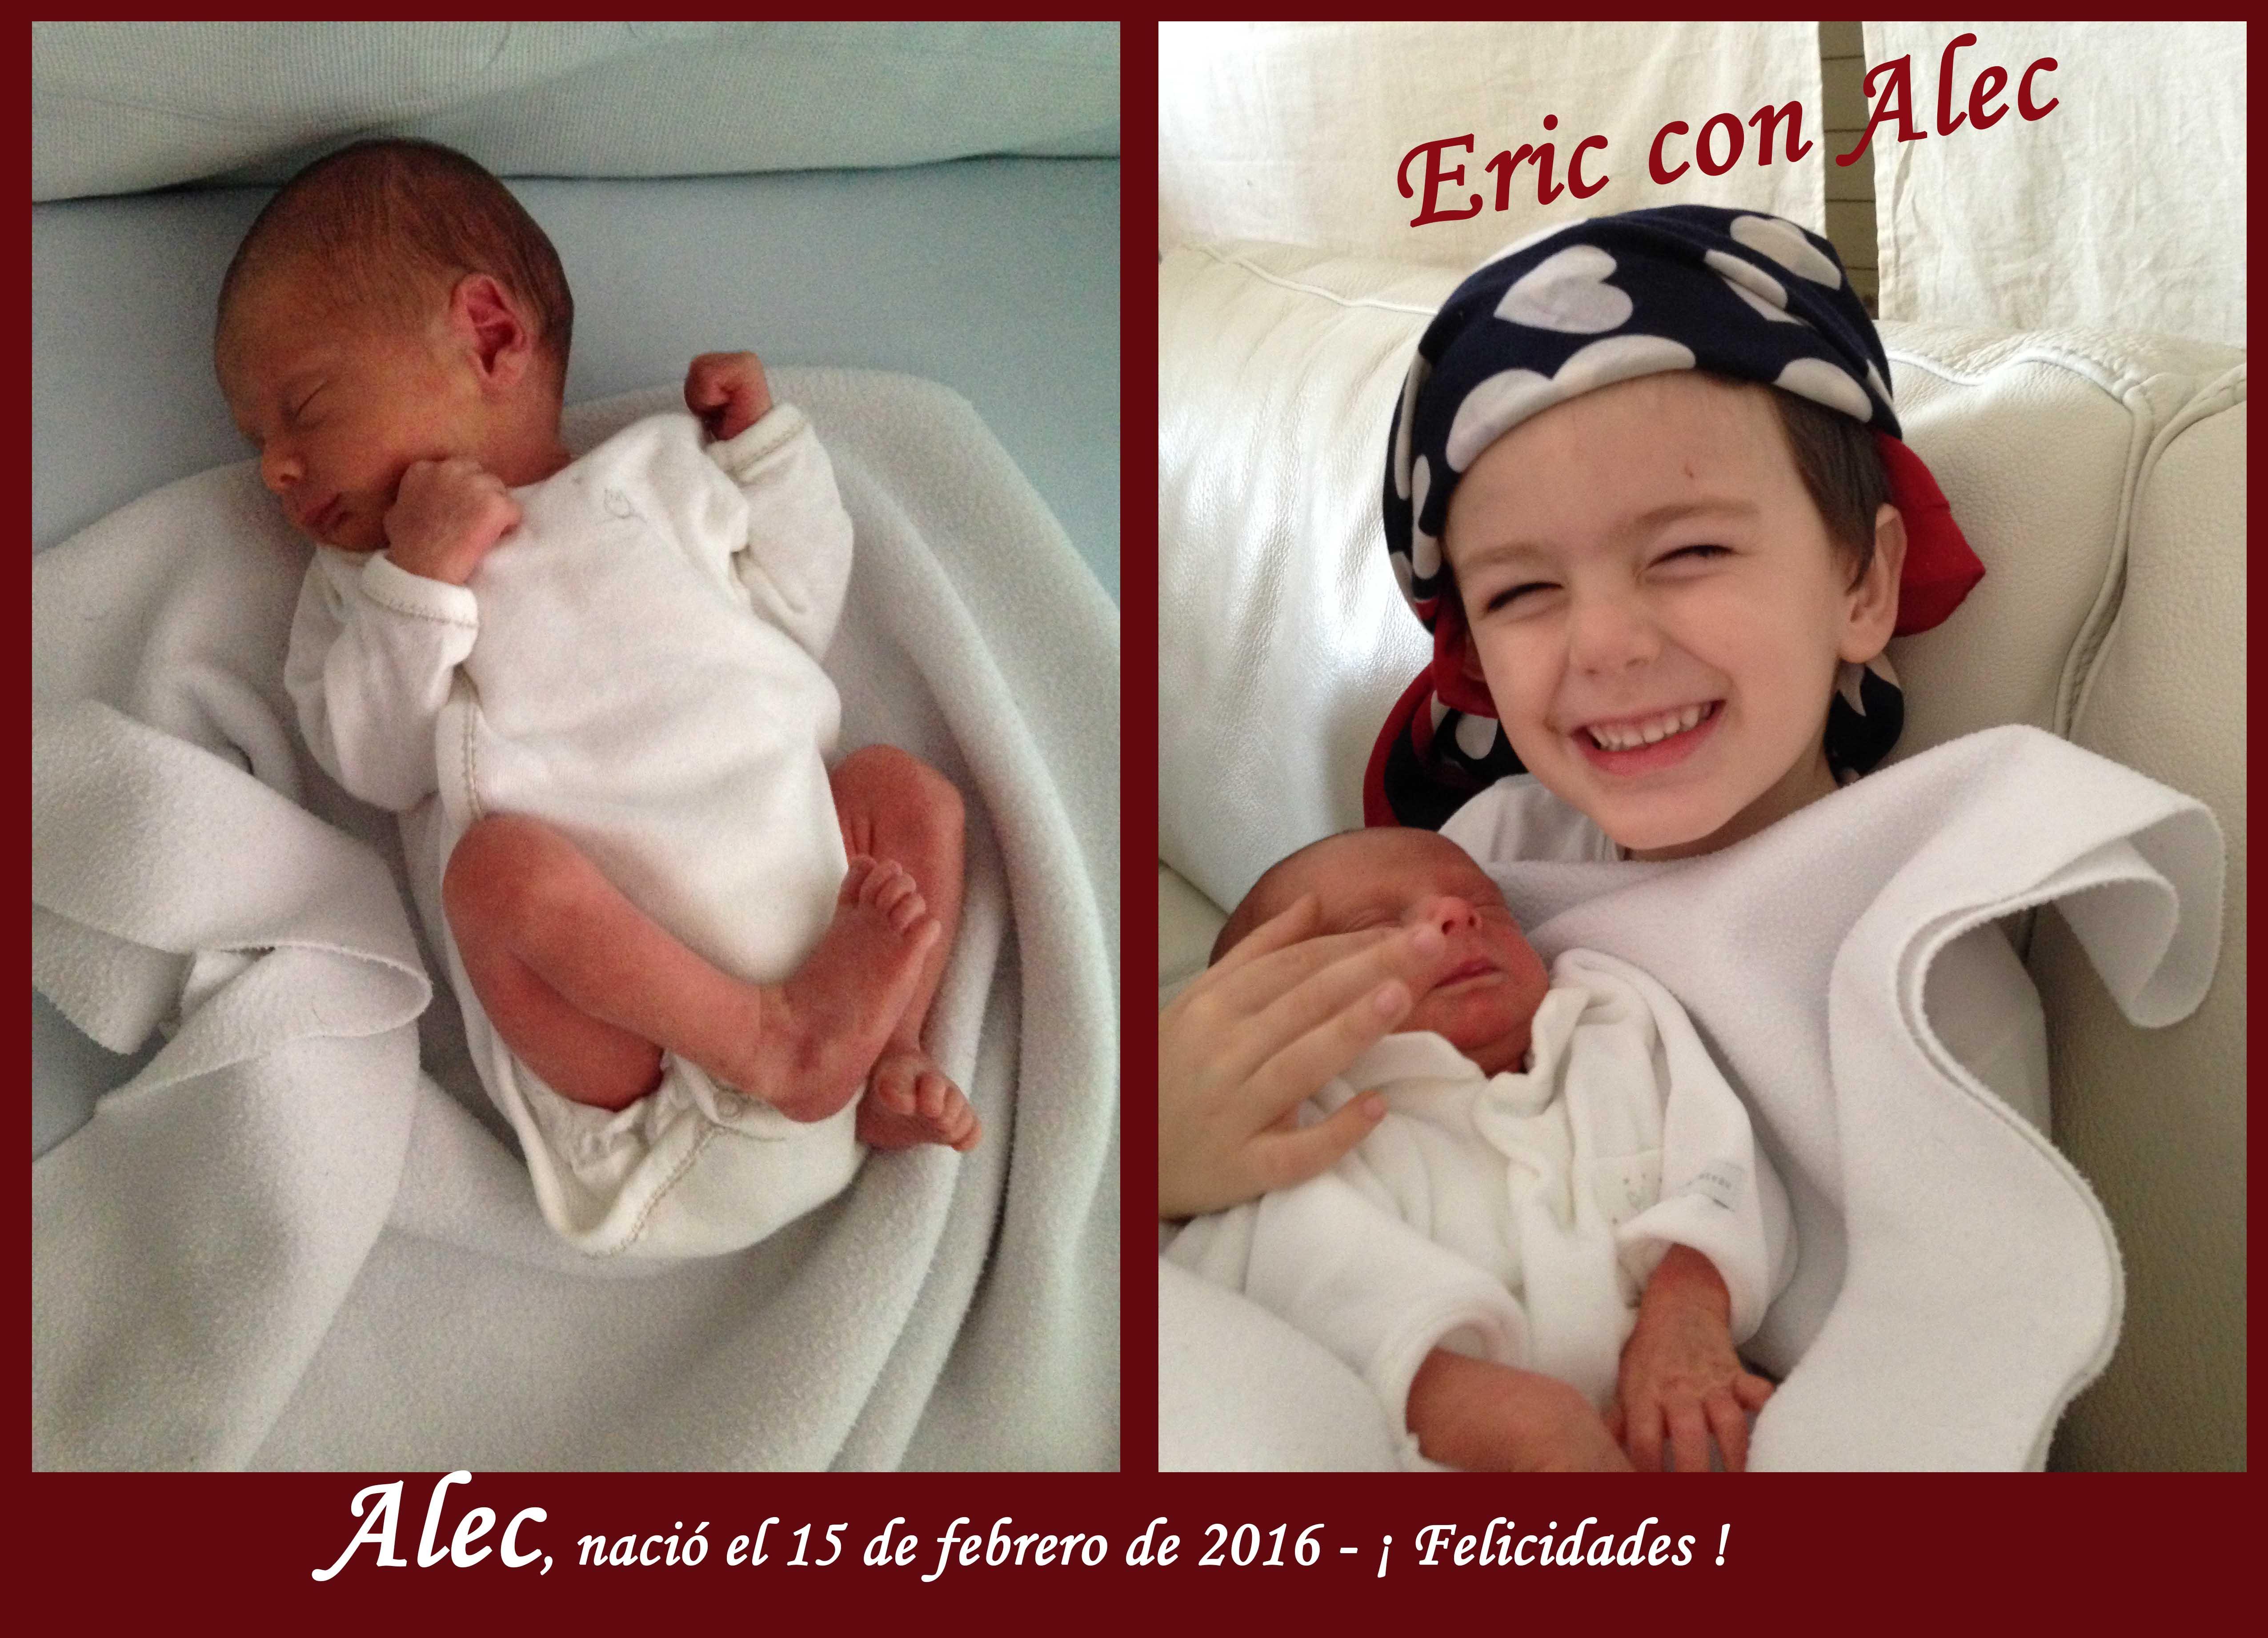 Alec, nació el 15 de febrero de 2016